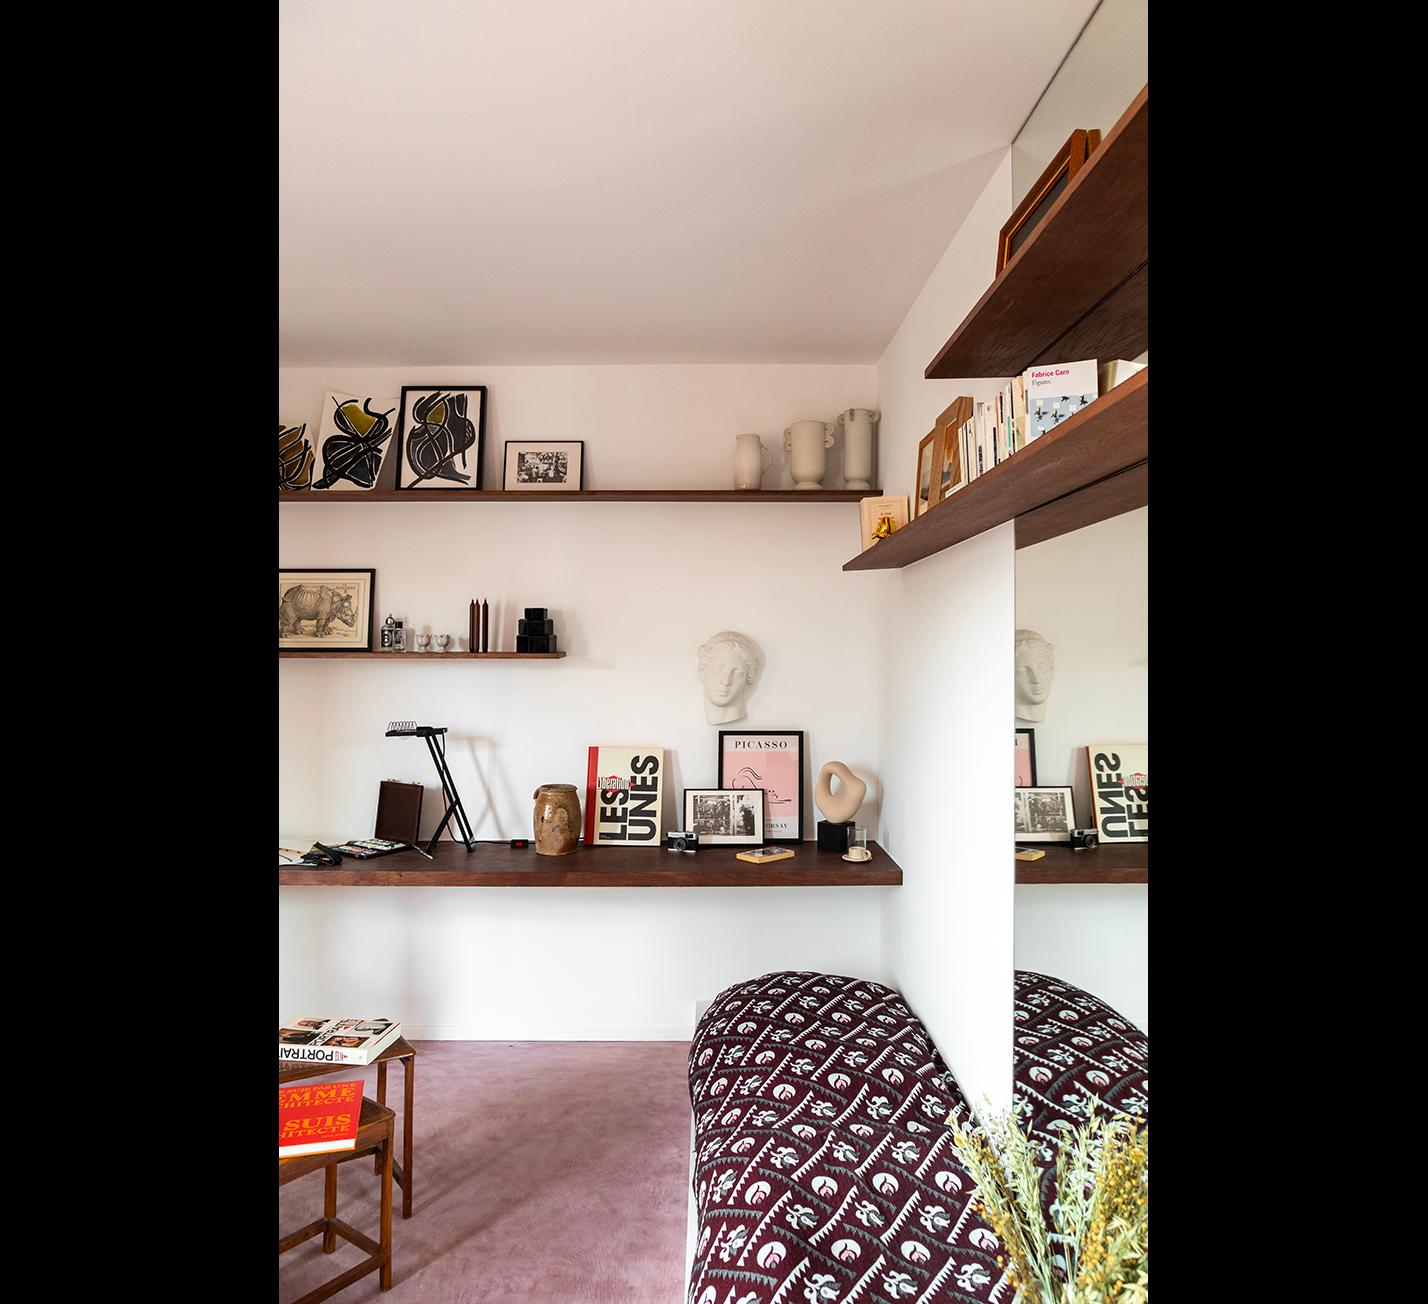 Appartement-Léon-paris-rénovation-architecture-paris-construction-atelier-steve-pauline-borgia-15